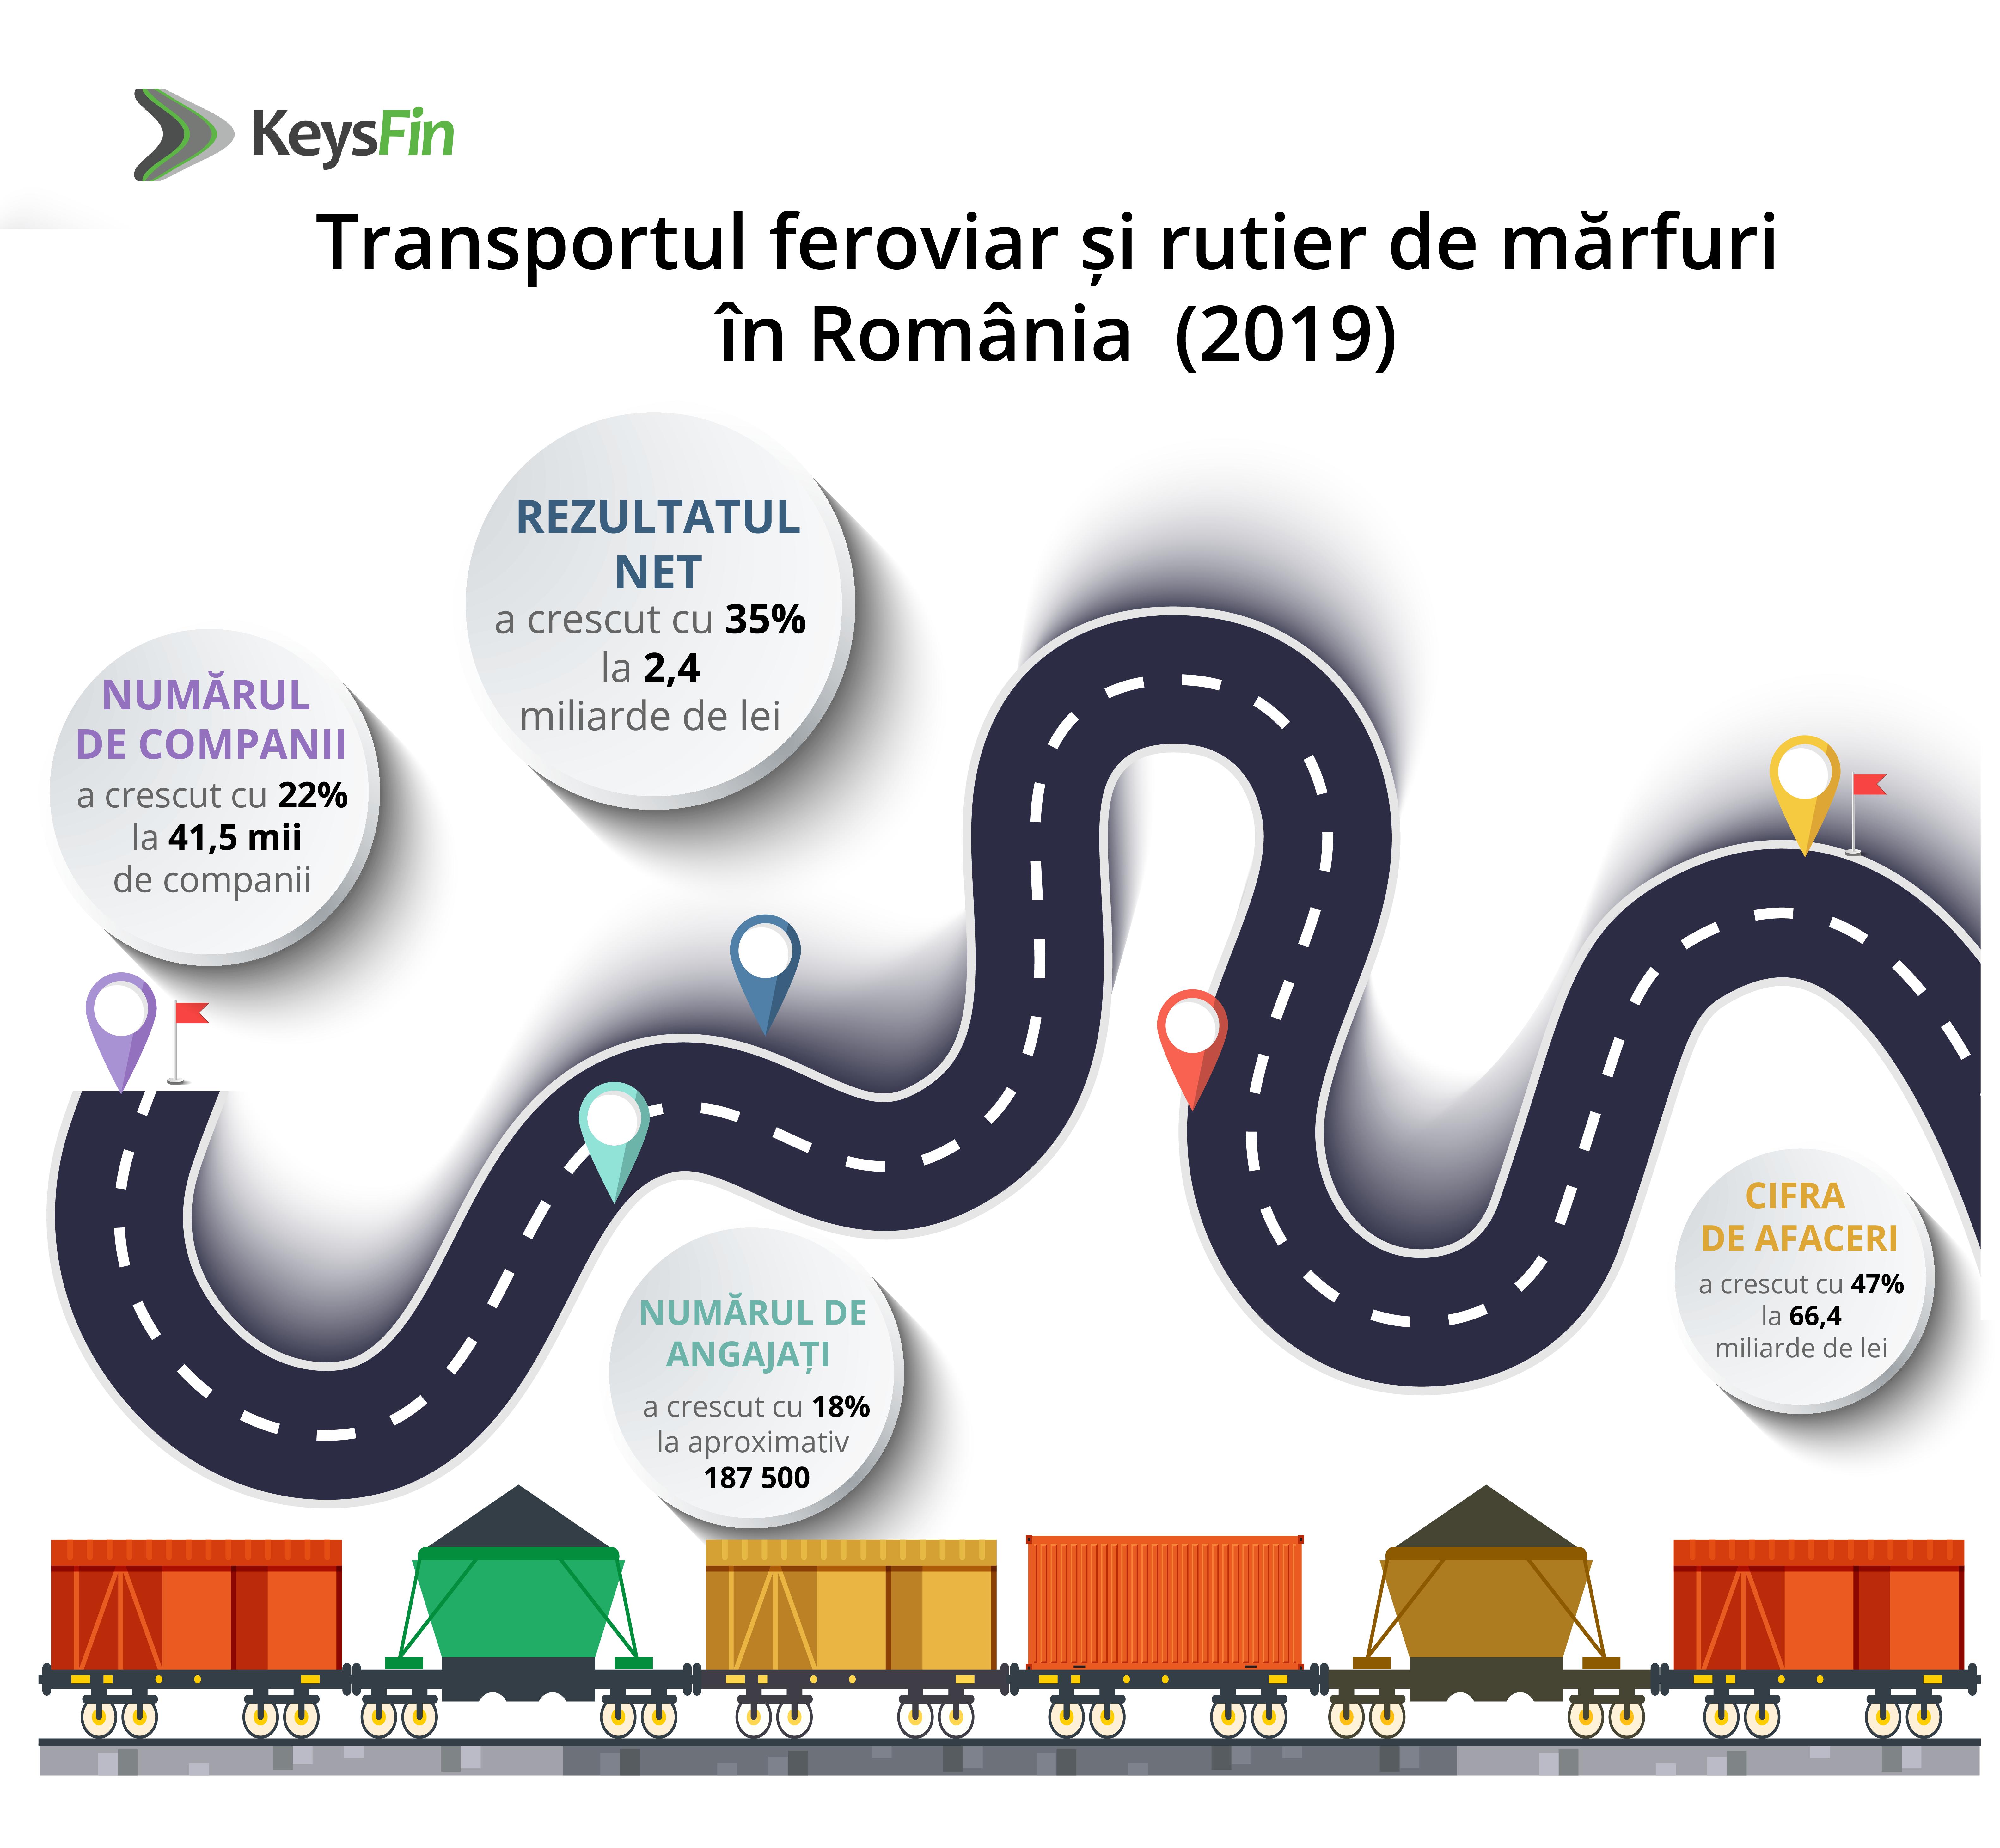 Peste două treimi dintre mărfurile din România sunt transportate rutier